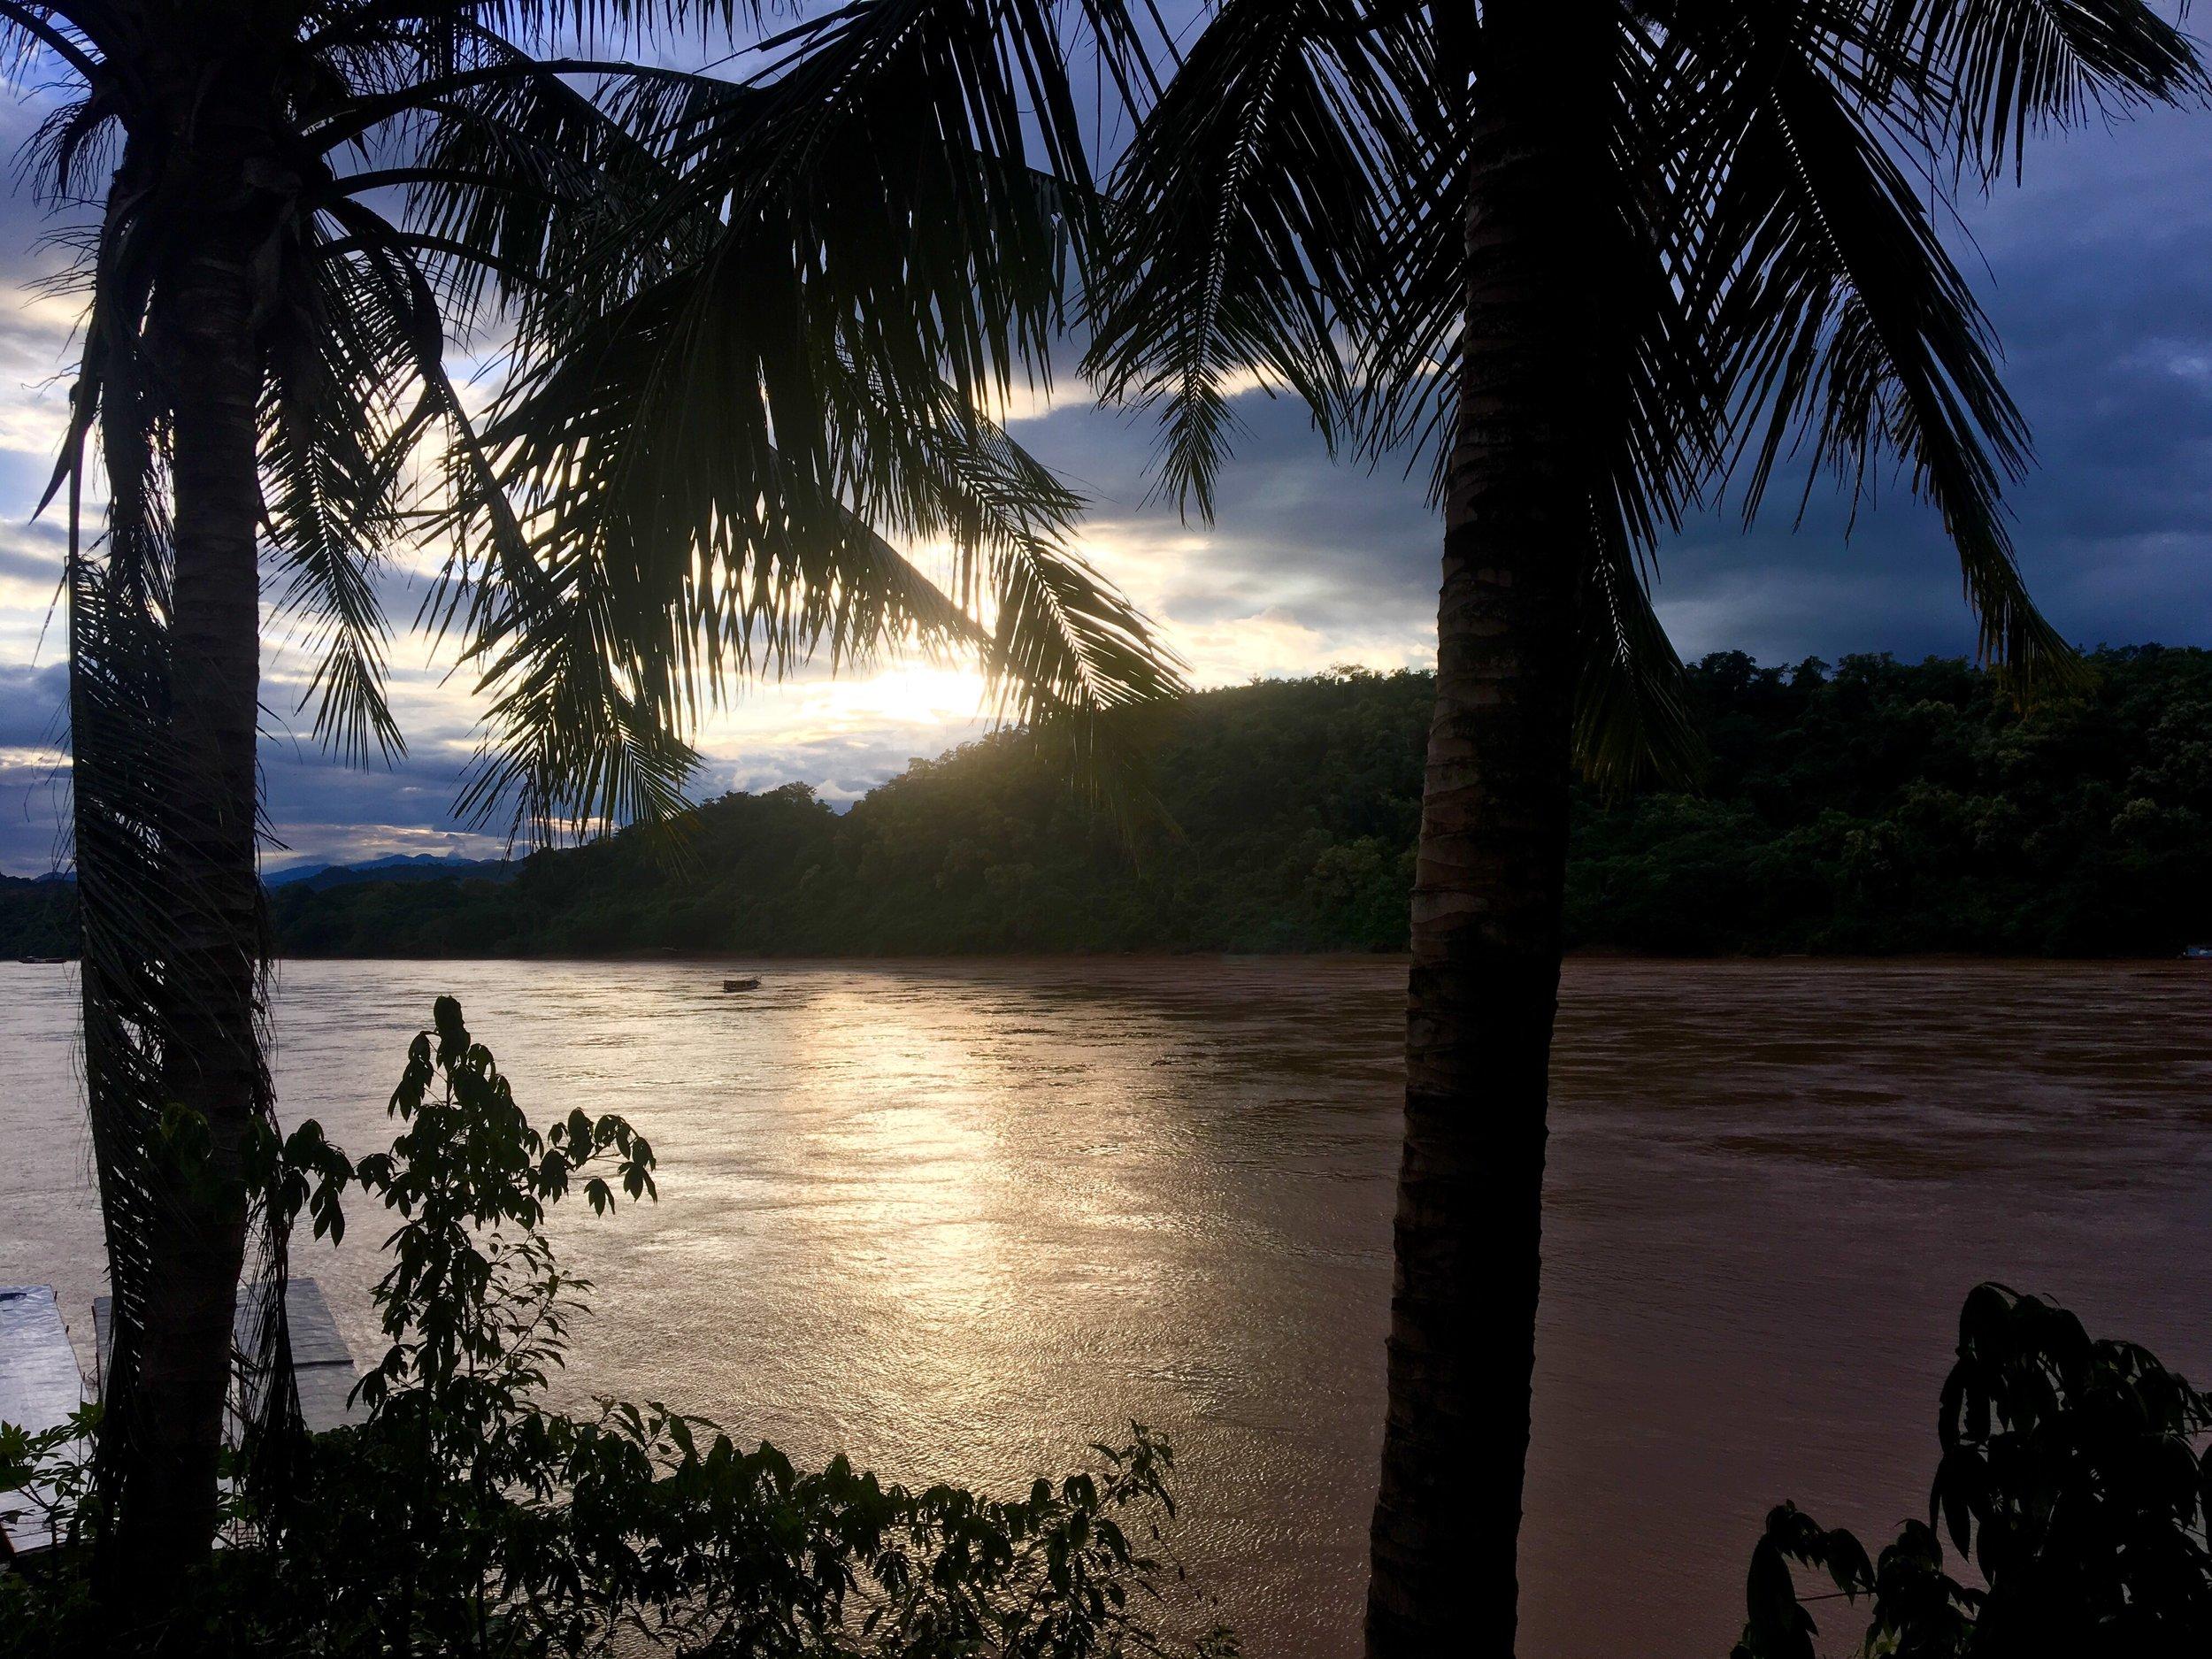 First night's sunset in Luang Prabang